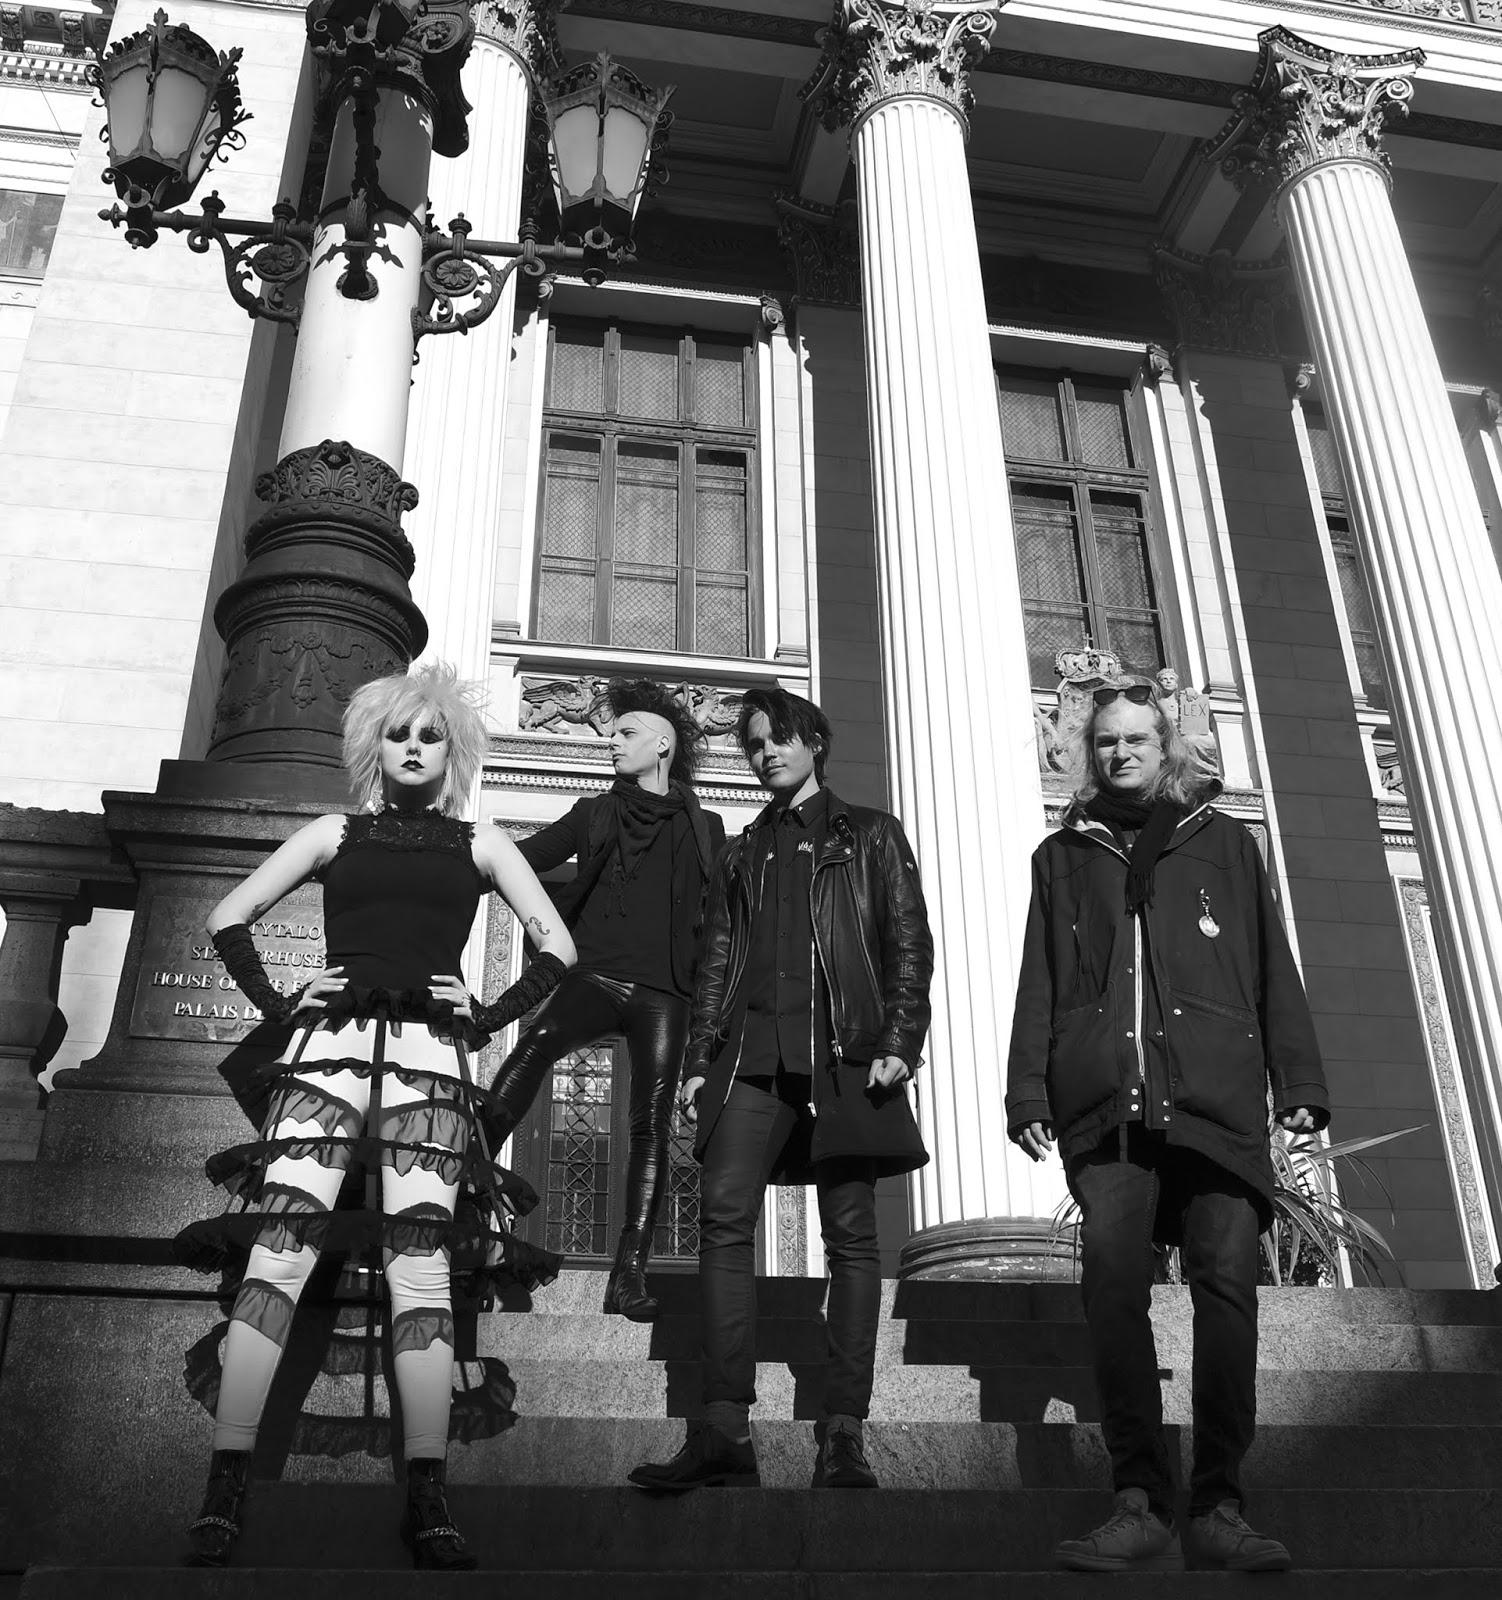 Masquerade – Post-punk band